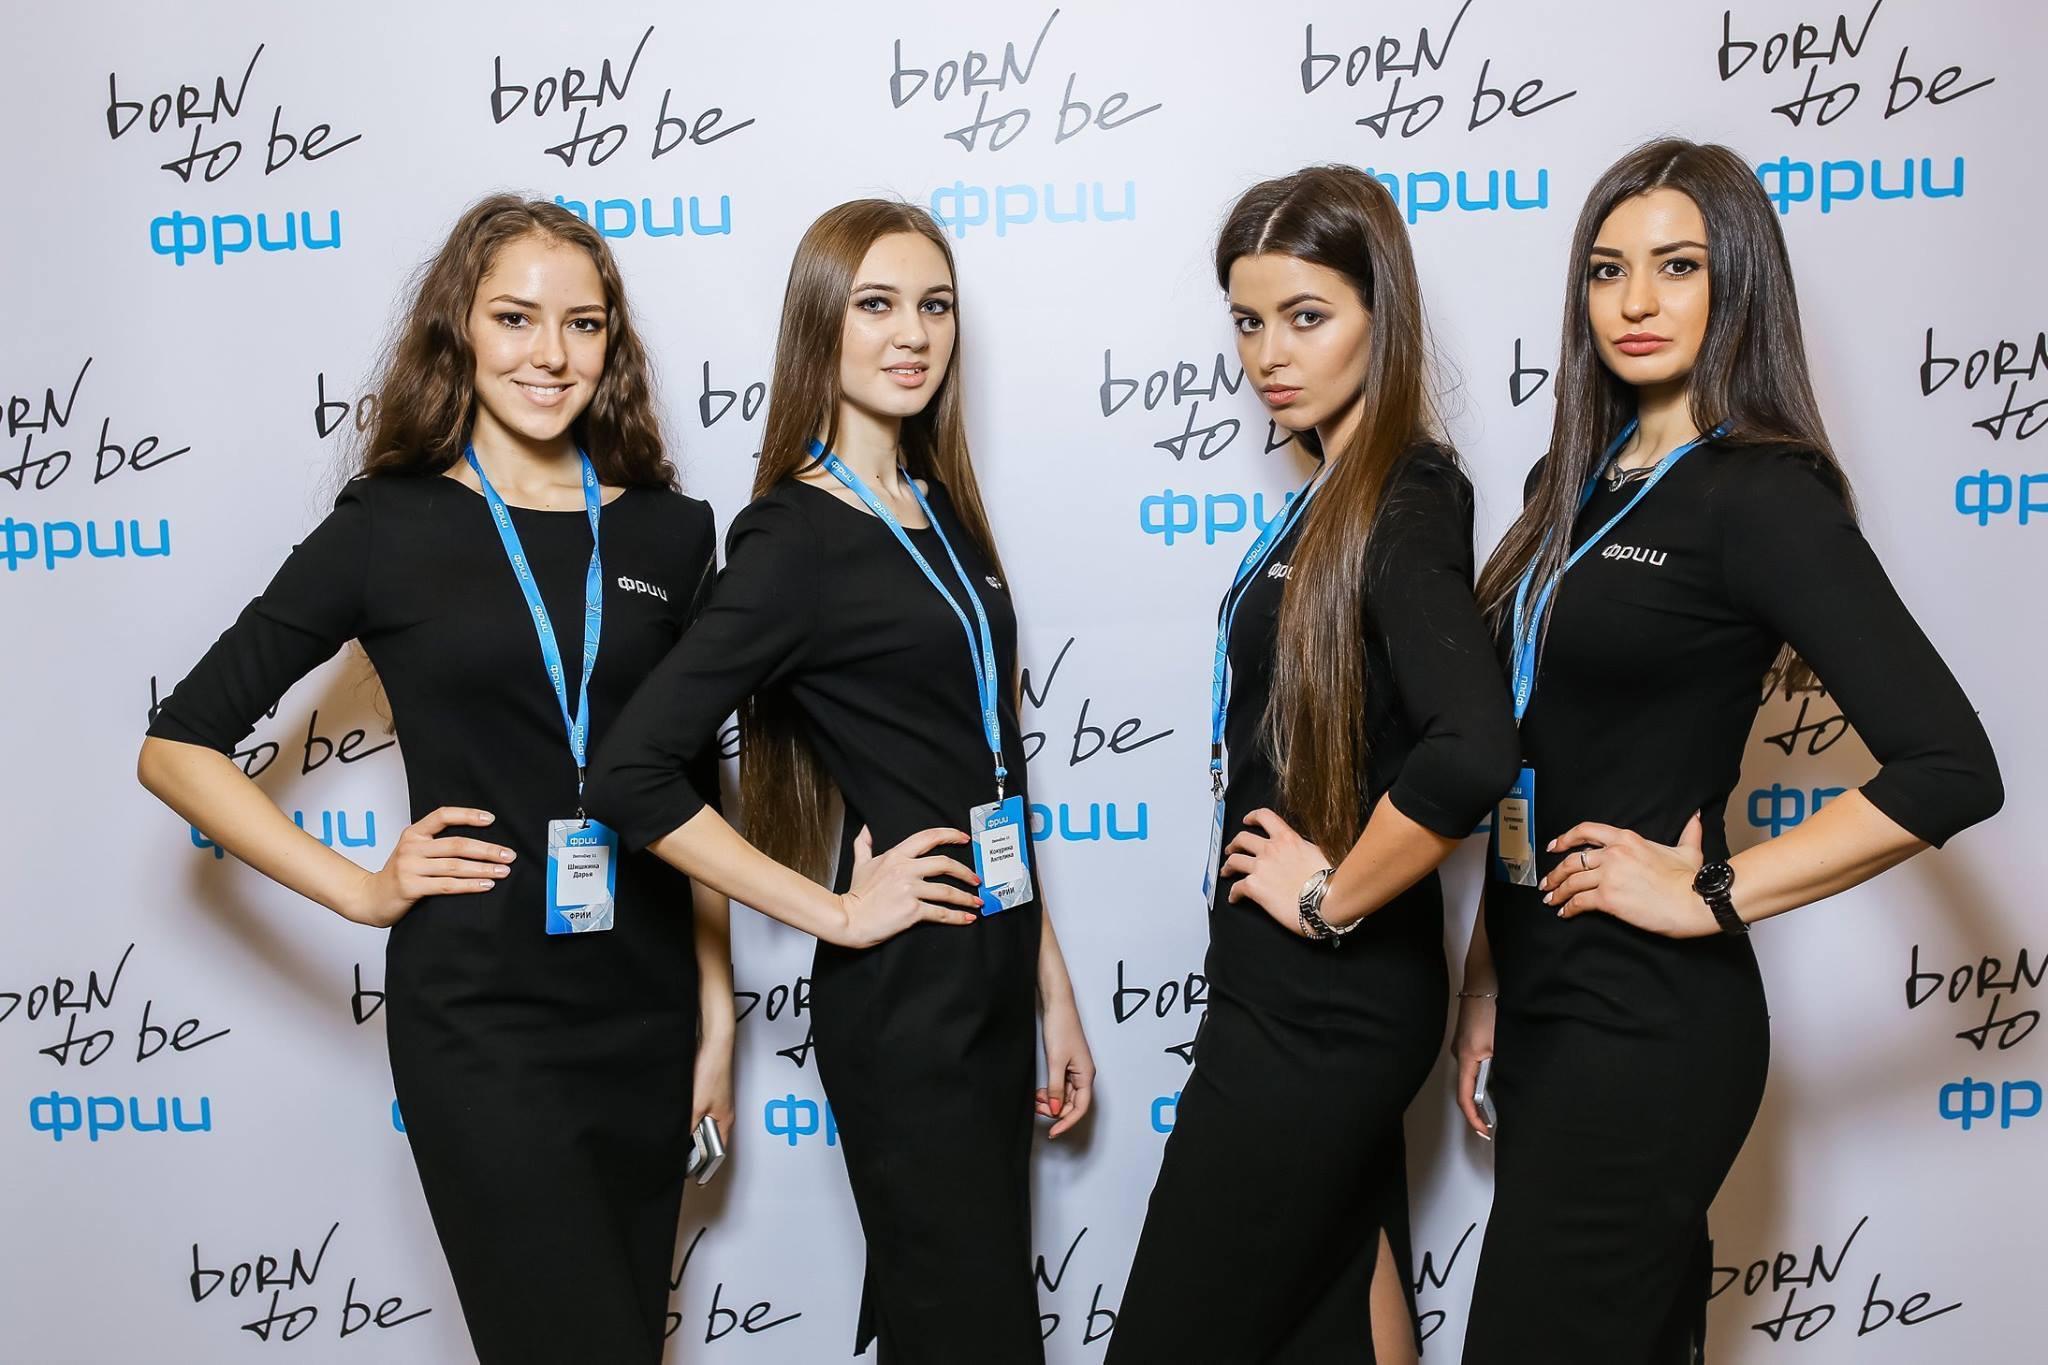 Работа для девушек хостес москва на какую работу можно поступить после 9 класса девушке список